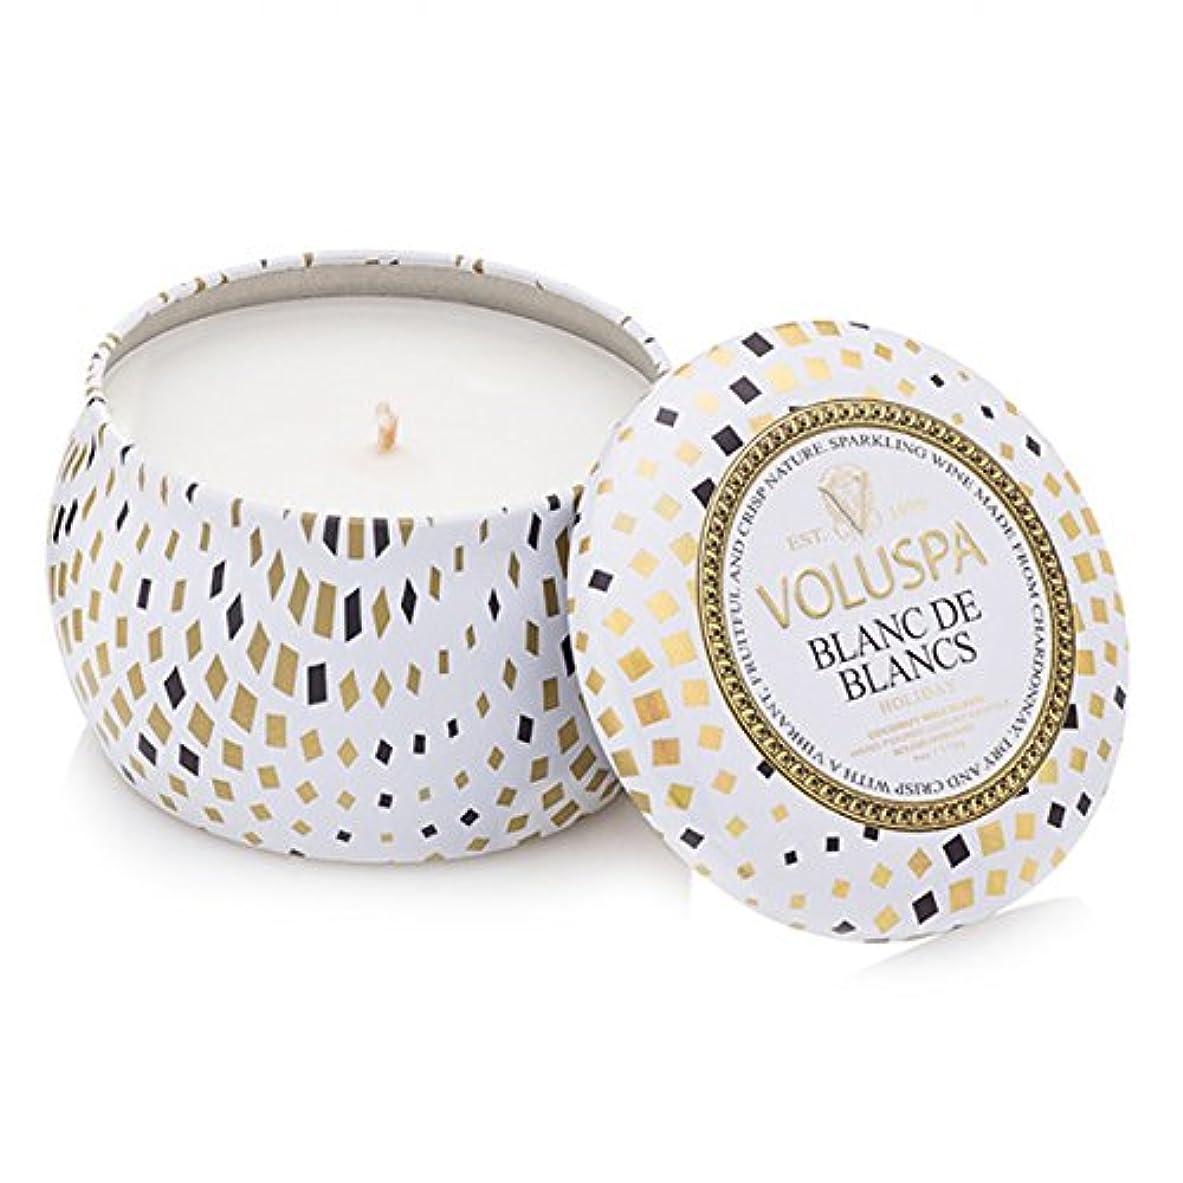 活性化食事申請者Voluspa ボルスパ メゾンホリデー ティンキャンドル  S ブラン ド ブラン BLANC DE BLANCS MASION HOLIDAY PETITE Tin Glass Candle